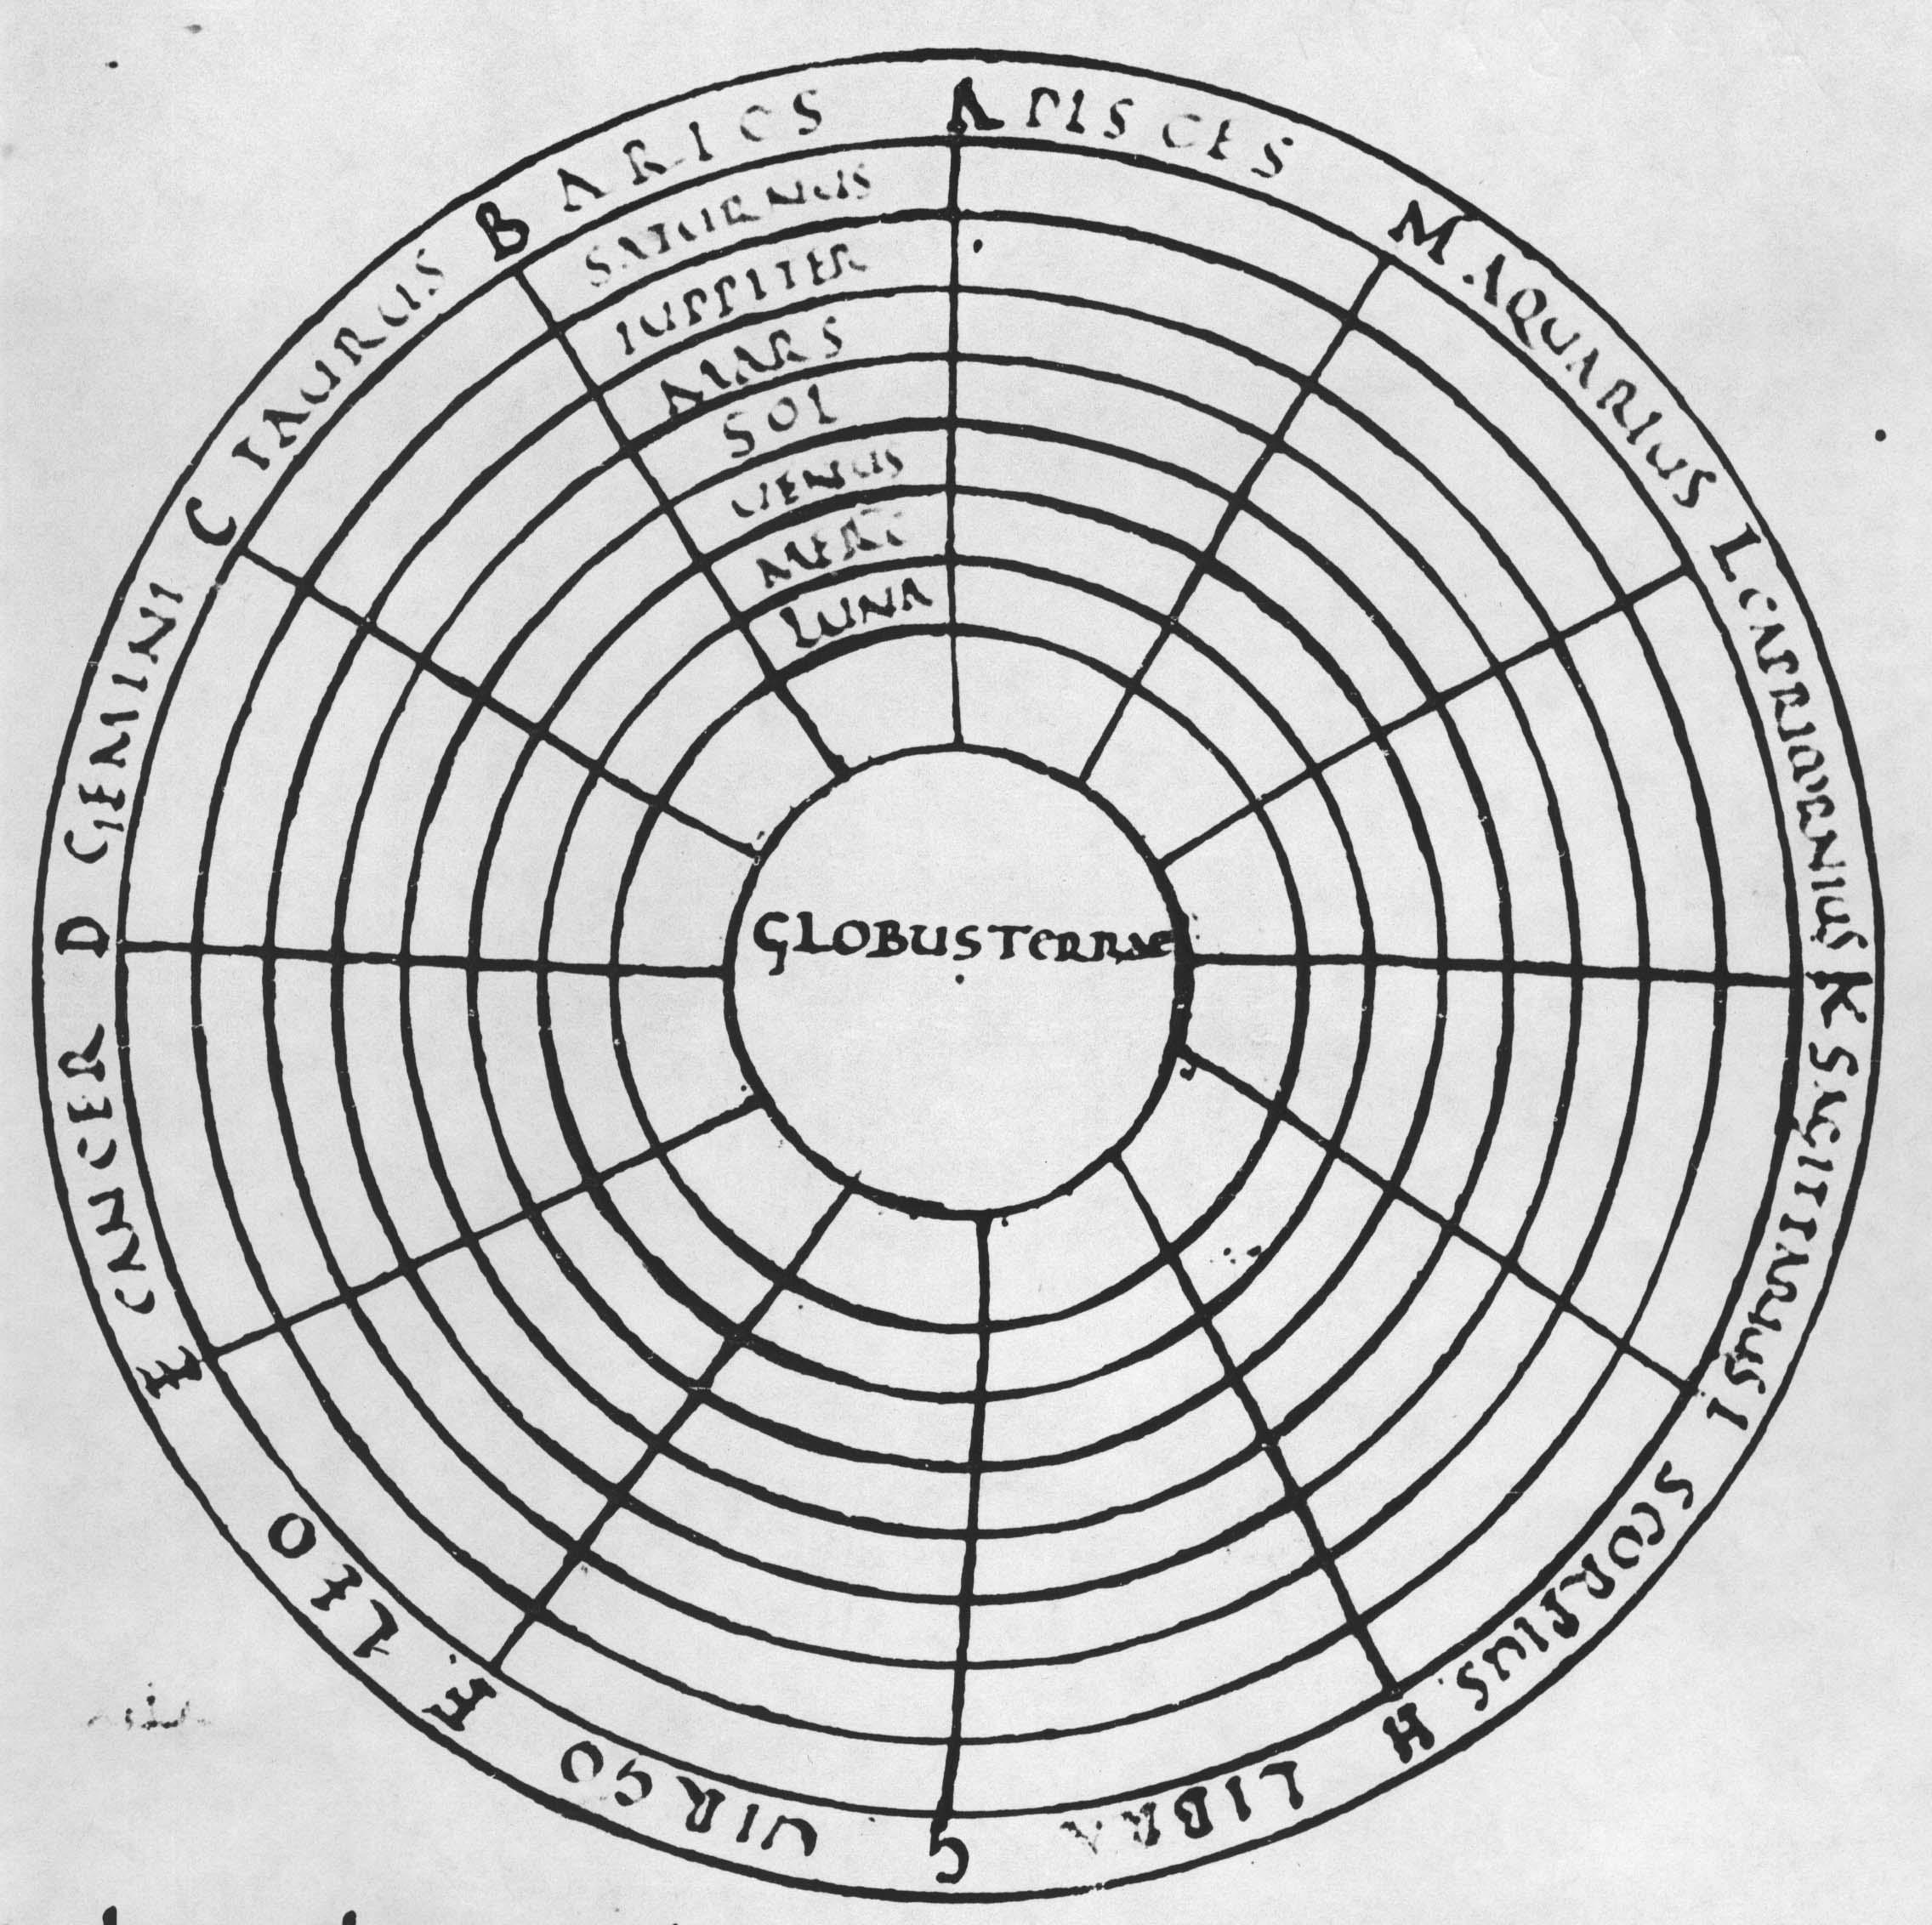 MYTE: Troede man i middelalderen, at jorden var flad?